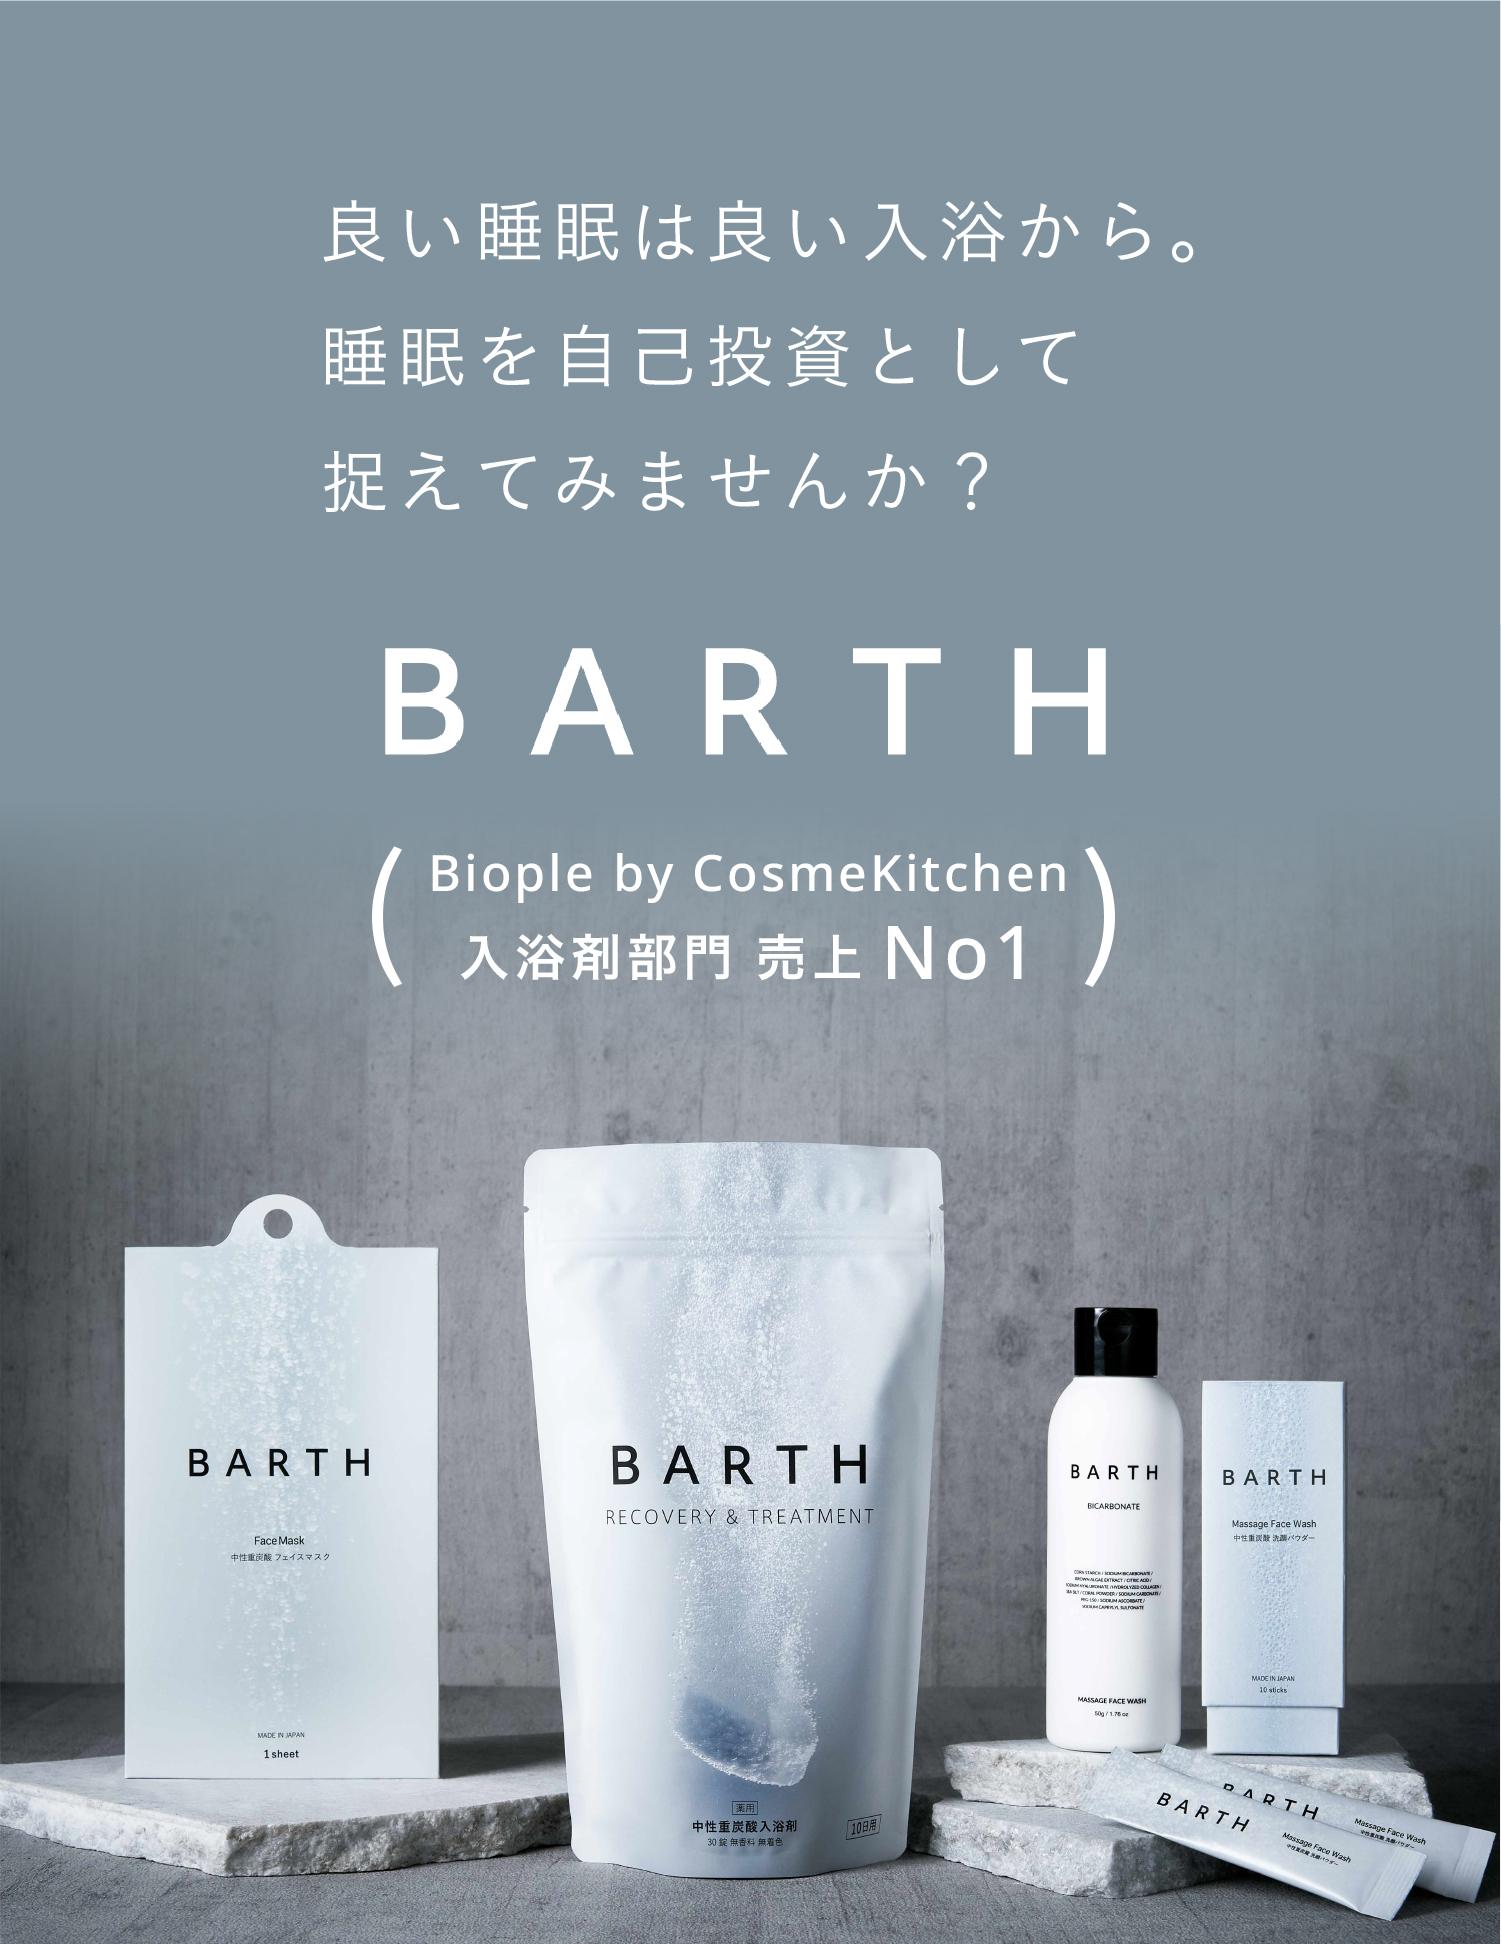 Barth 入浴 剤 【実体験レビュー】入浴剤BARTH(バース)の感想と口コミ・評判 好奇...